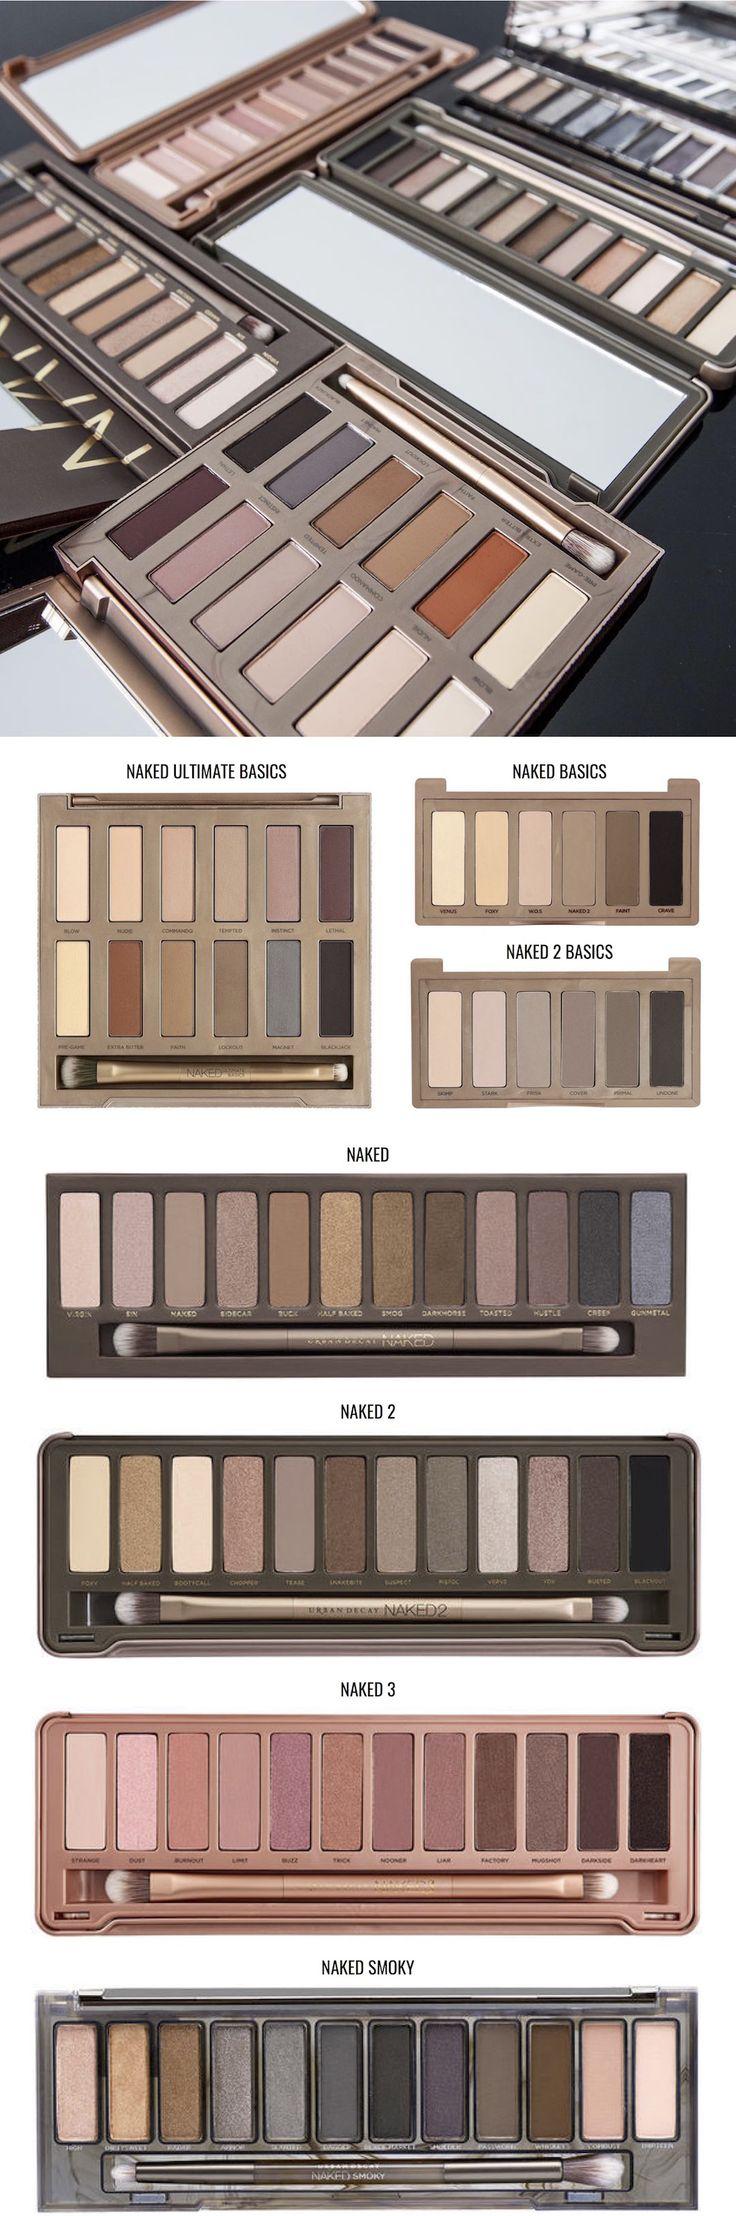 Olha só todas as versões de Paletas Naked, incluindo a Naked Ultimate Basics, lado a lado pra vocês compararem. Me contem qual a sua versão favorita.